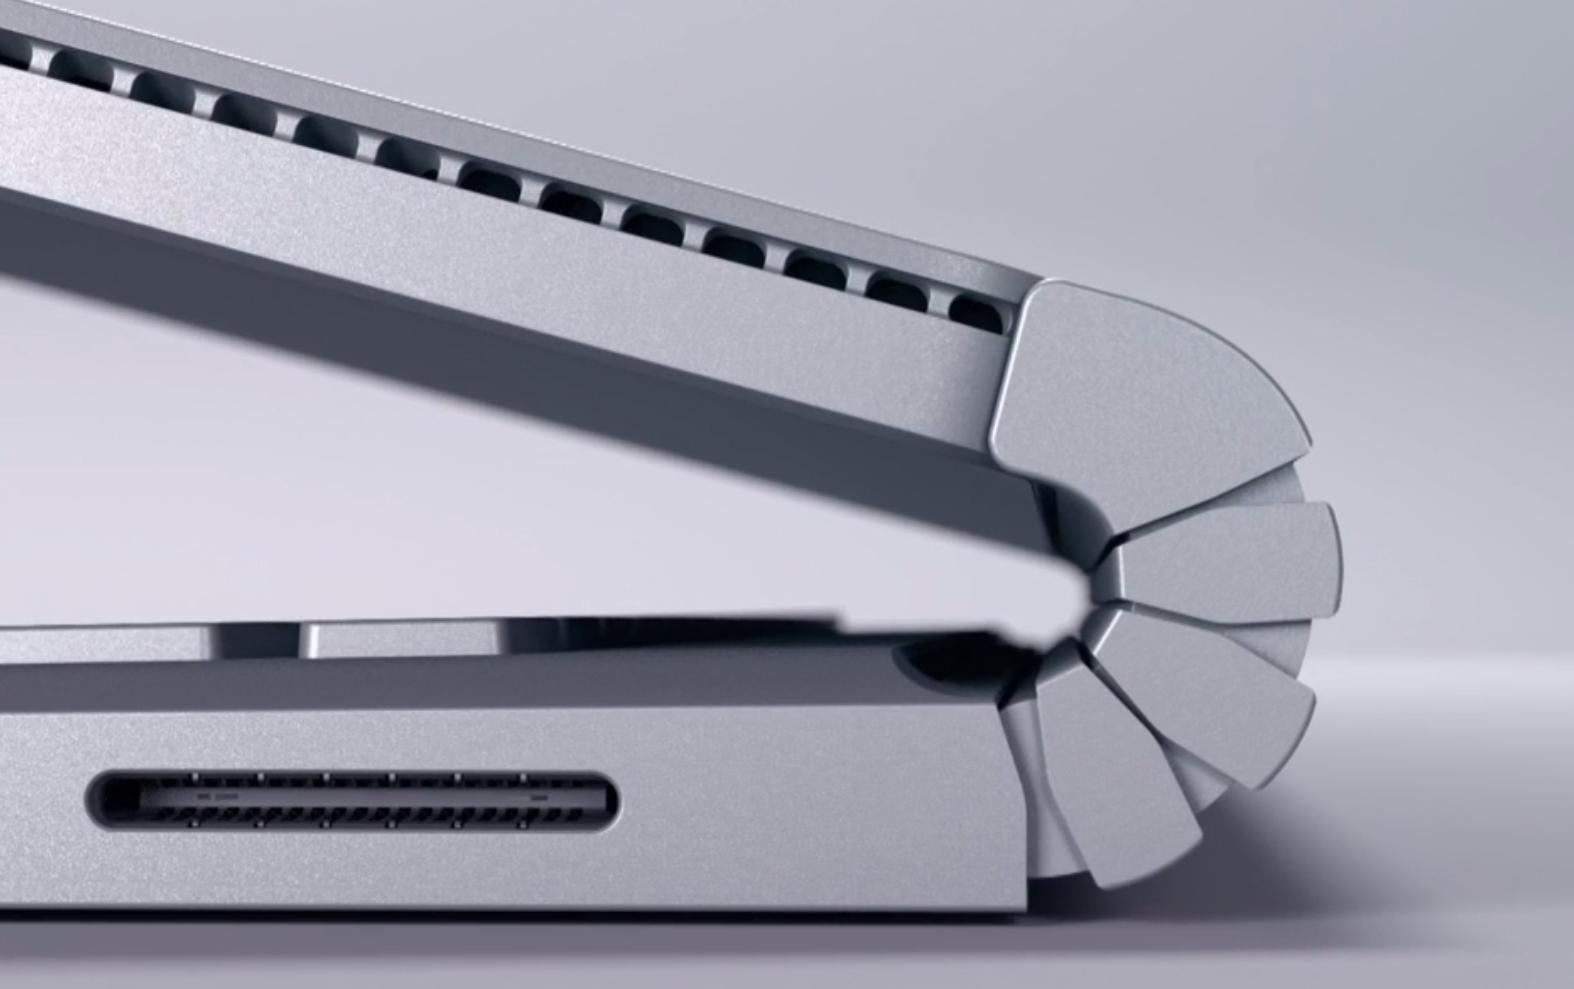 Первый взгляд: Microsoft Surface Book – идеален и как планшет, и как ноутбук